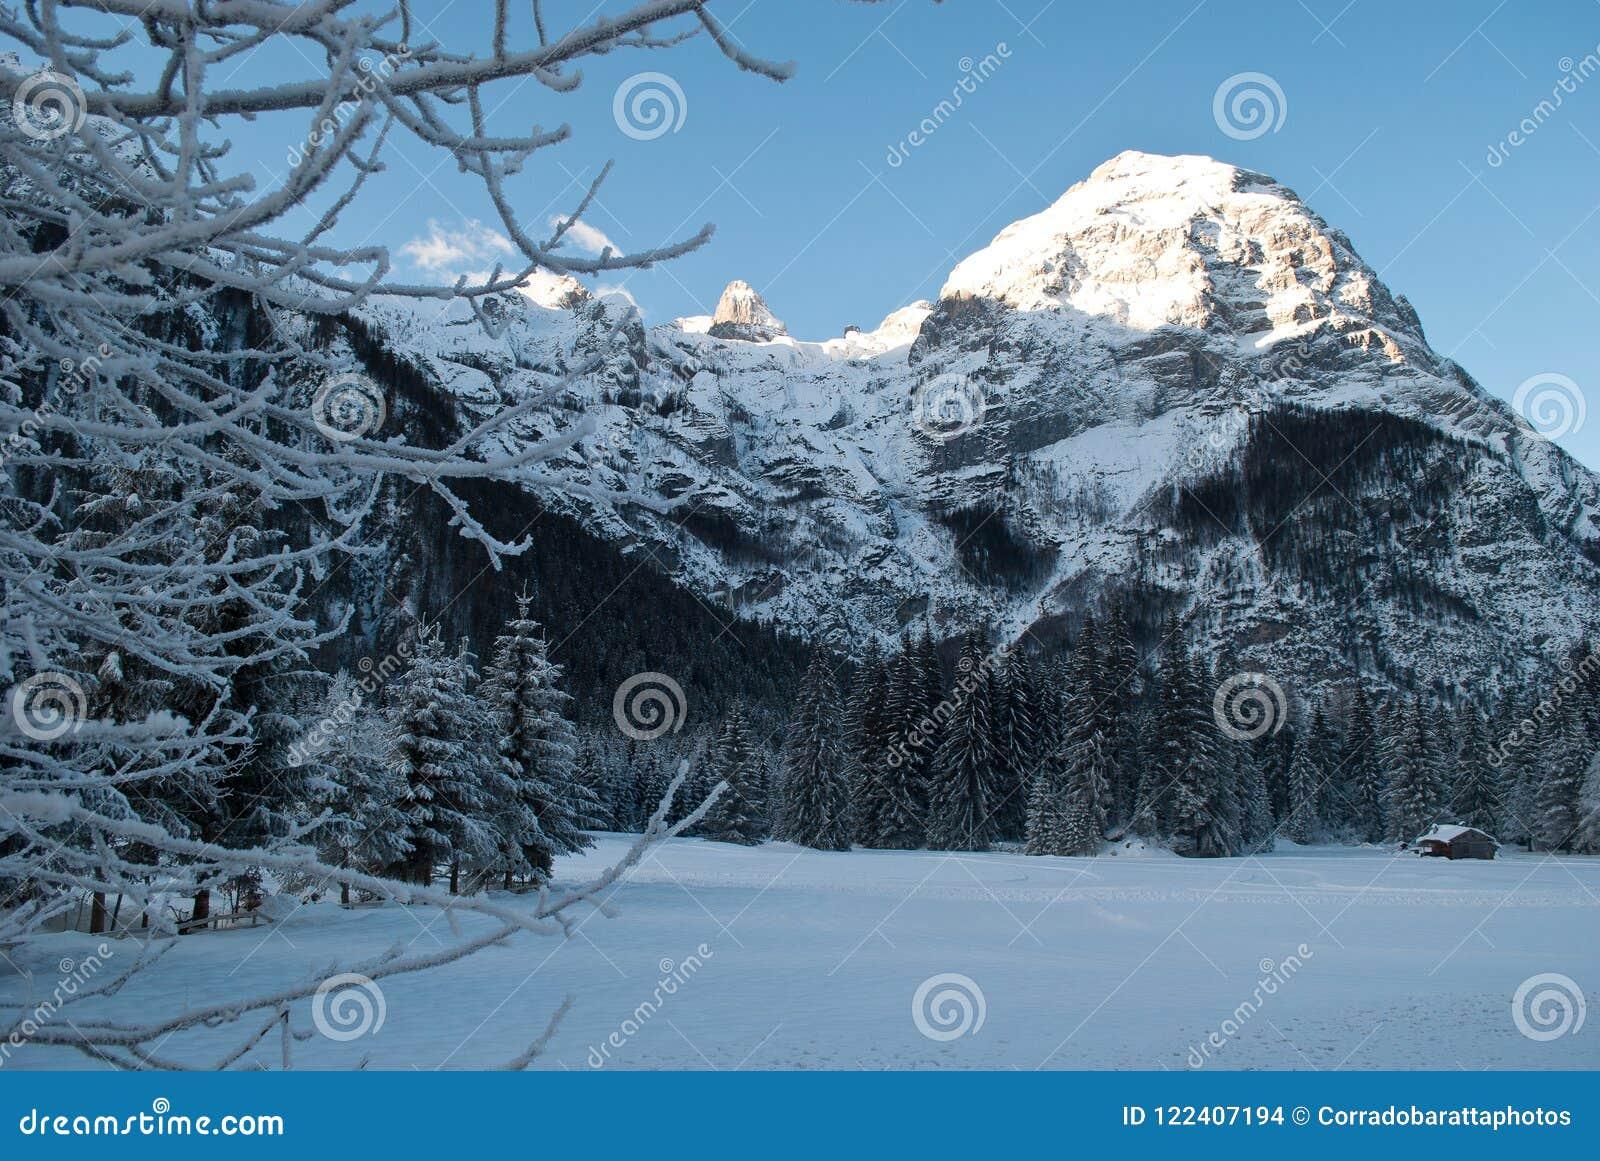 Gutenmorgen Sehr Kalt Auf Den Bergen Bedeckt Durch Frischen